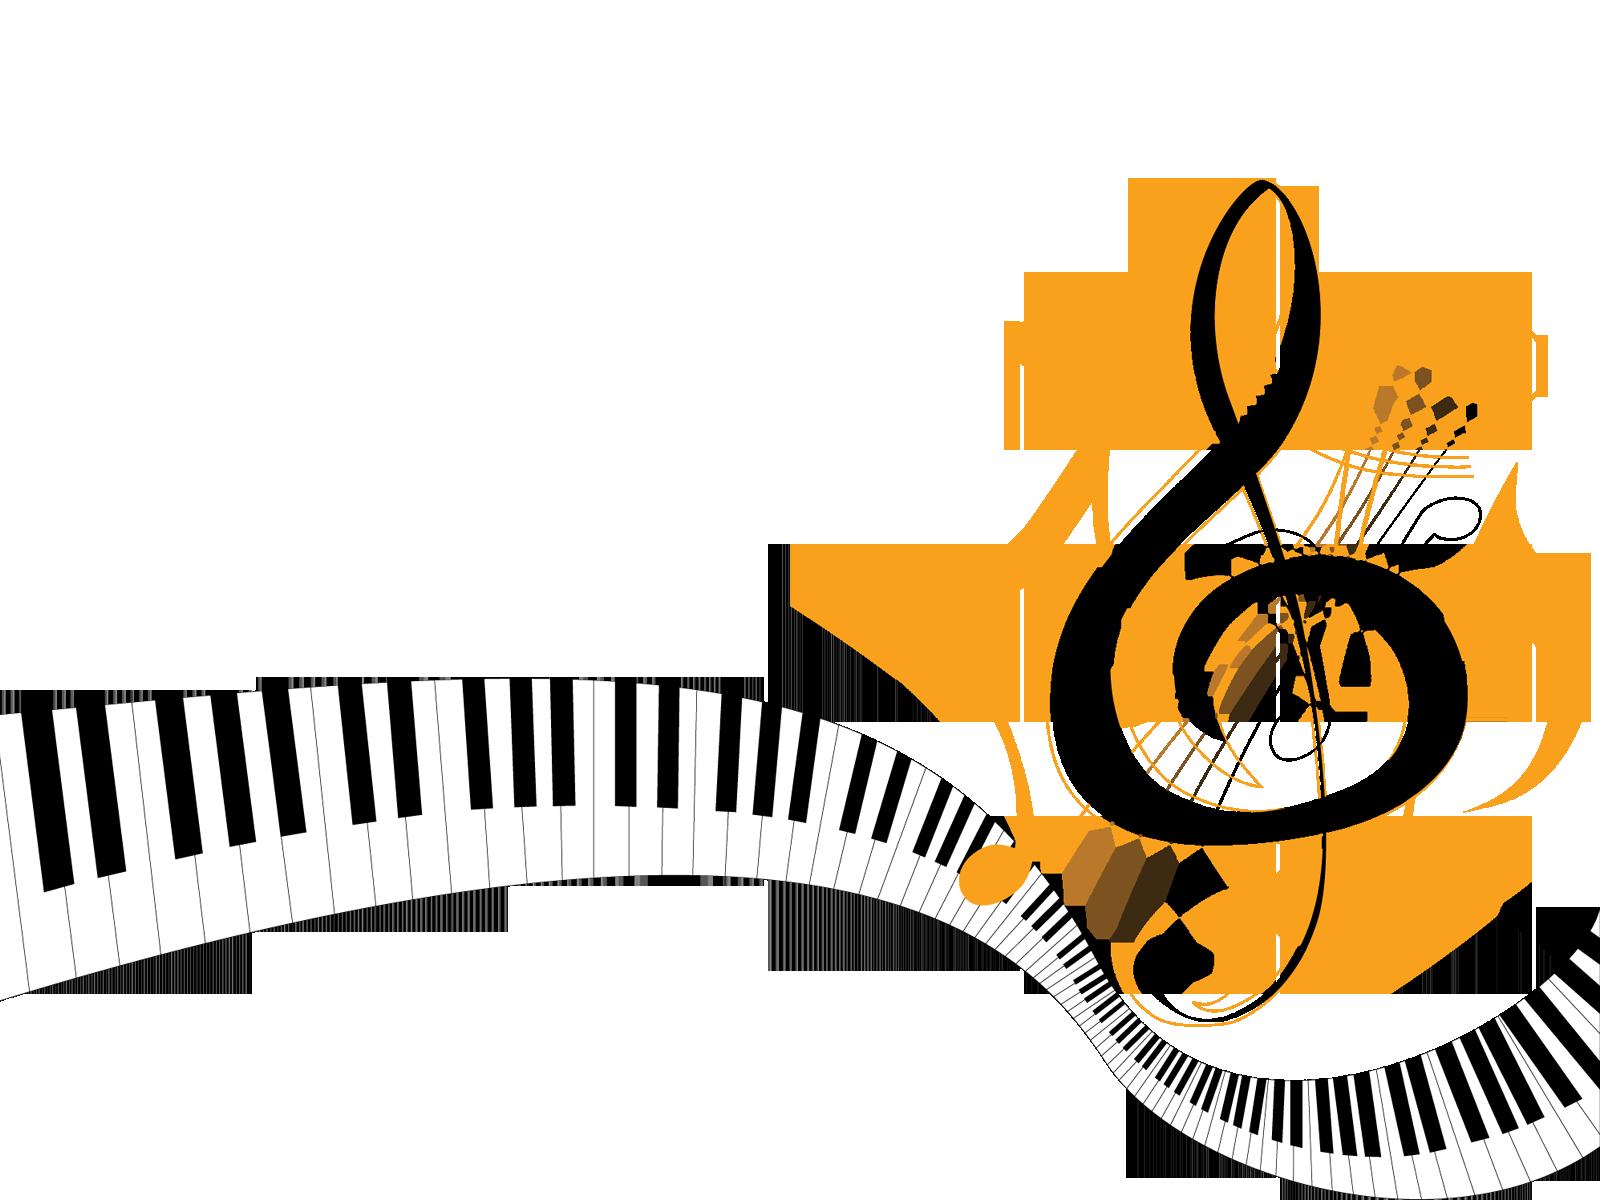 音符イラスト「ピアノの鍵盤と音符」- 無料のフリー素材